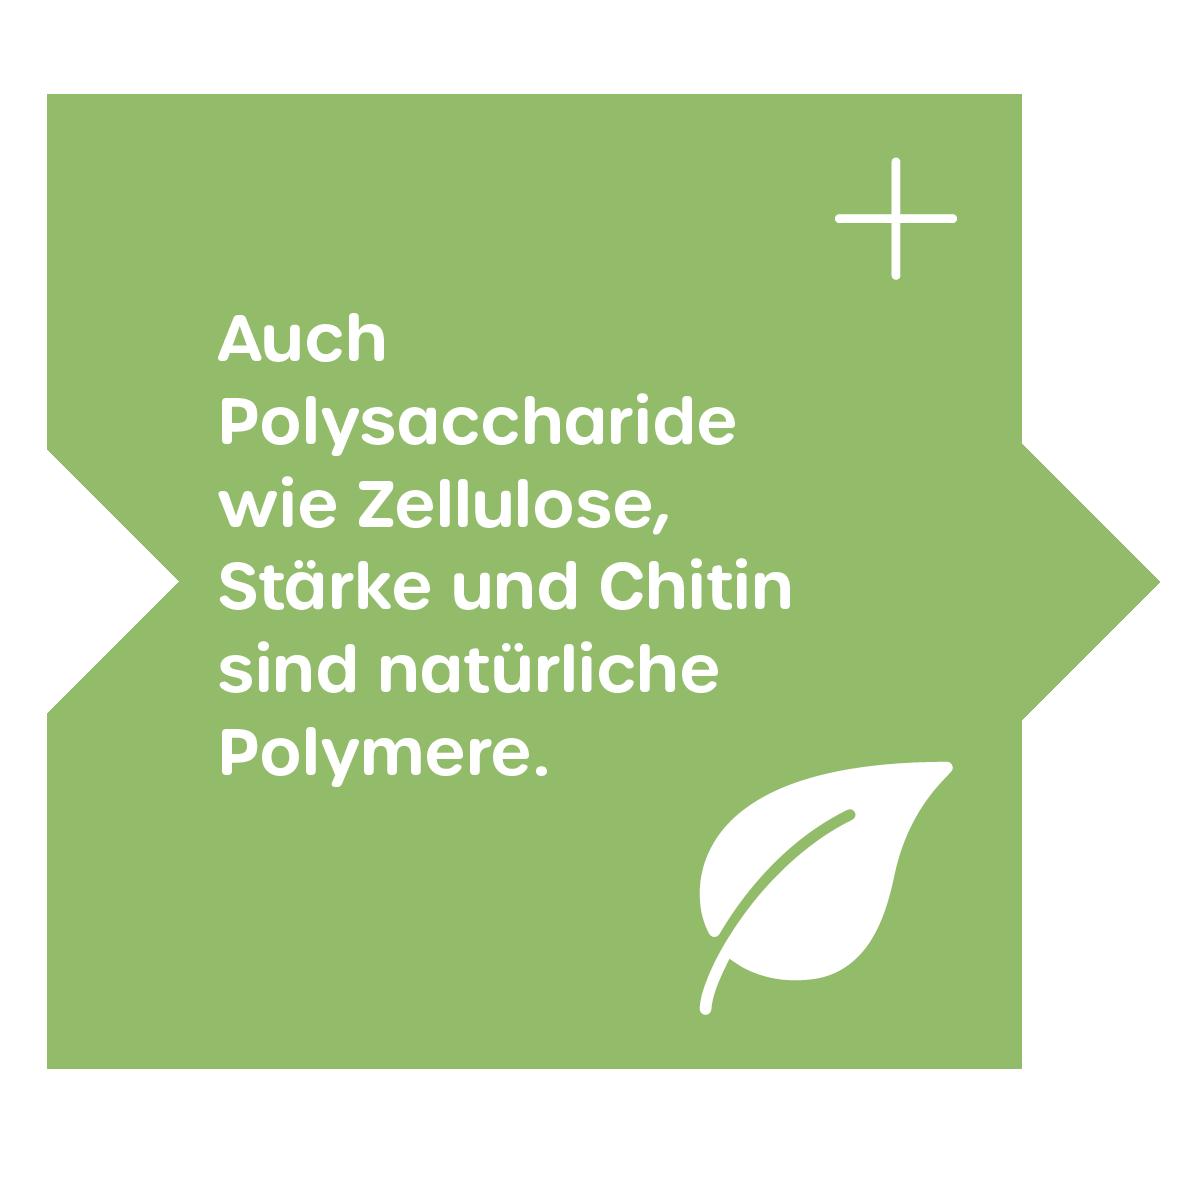 Natürliche Polymere: Polysaccharide